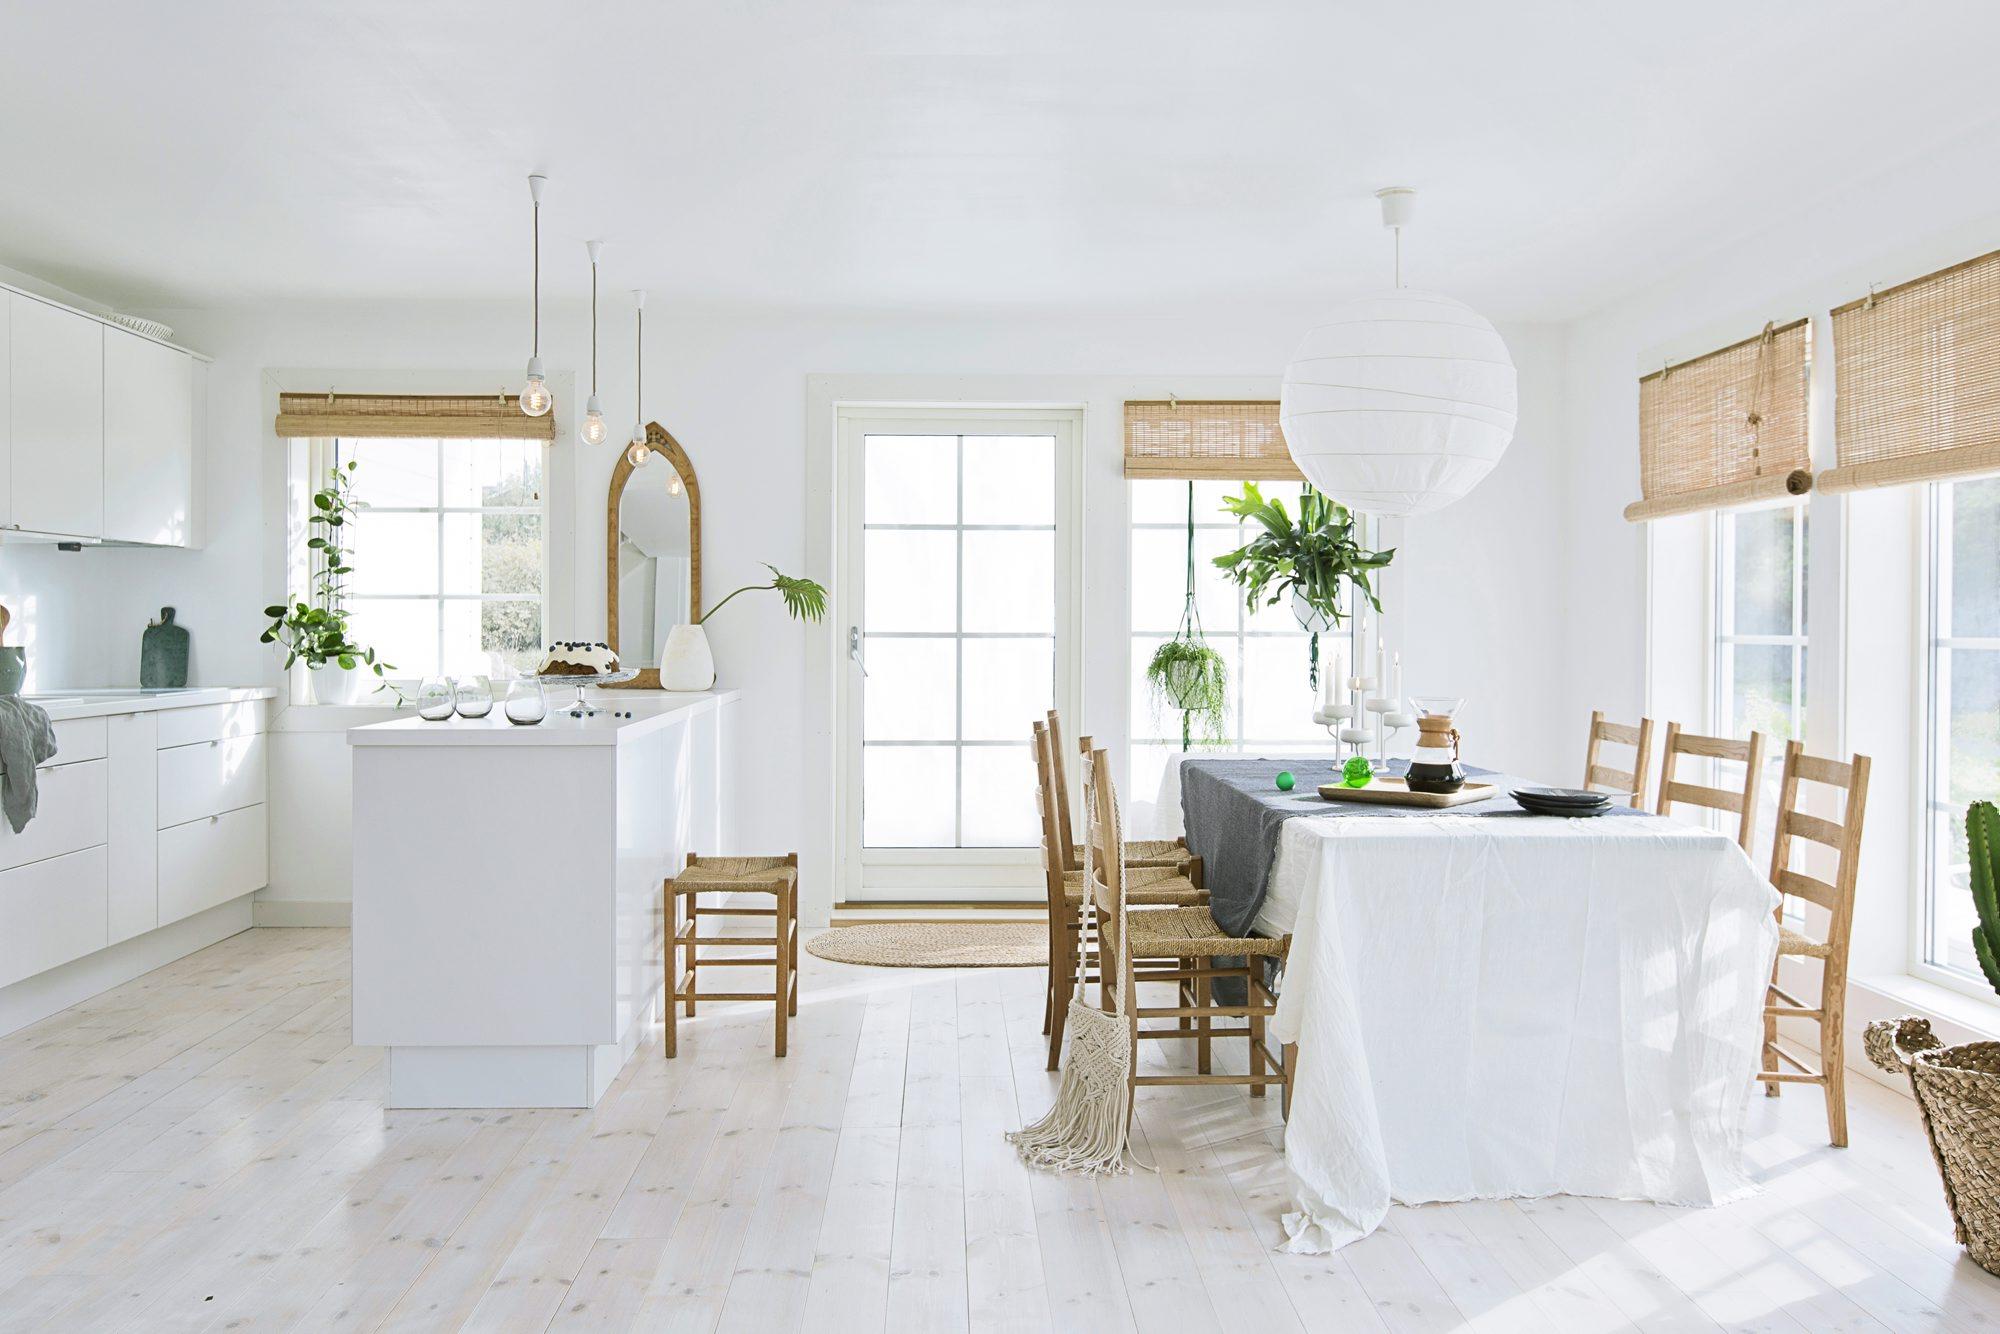 Kjøkkenet fra Ikea har hvite, matte overflater. Rullegardinet i bambus fås som bestillingsvare hos Bauhaus. Speilet har tilhørt Anettes mormor. Pendellampene er fra Nud. FOTO: Jorunn Tharaldsen